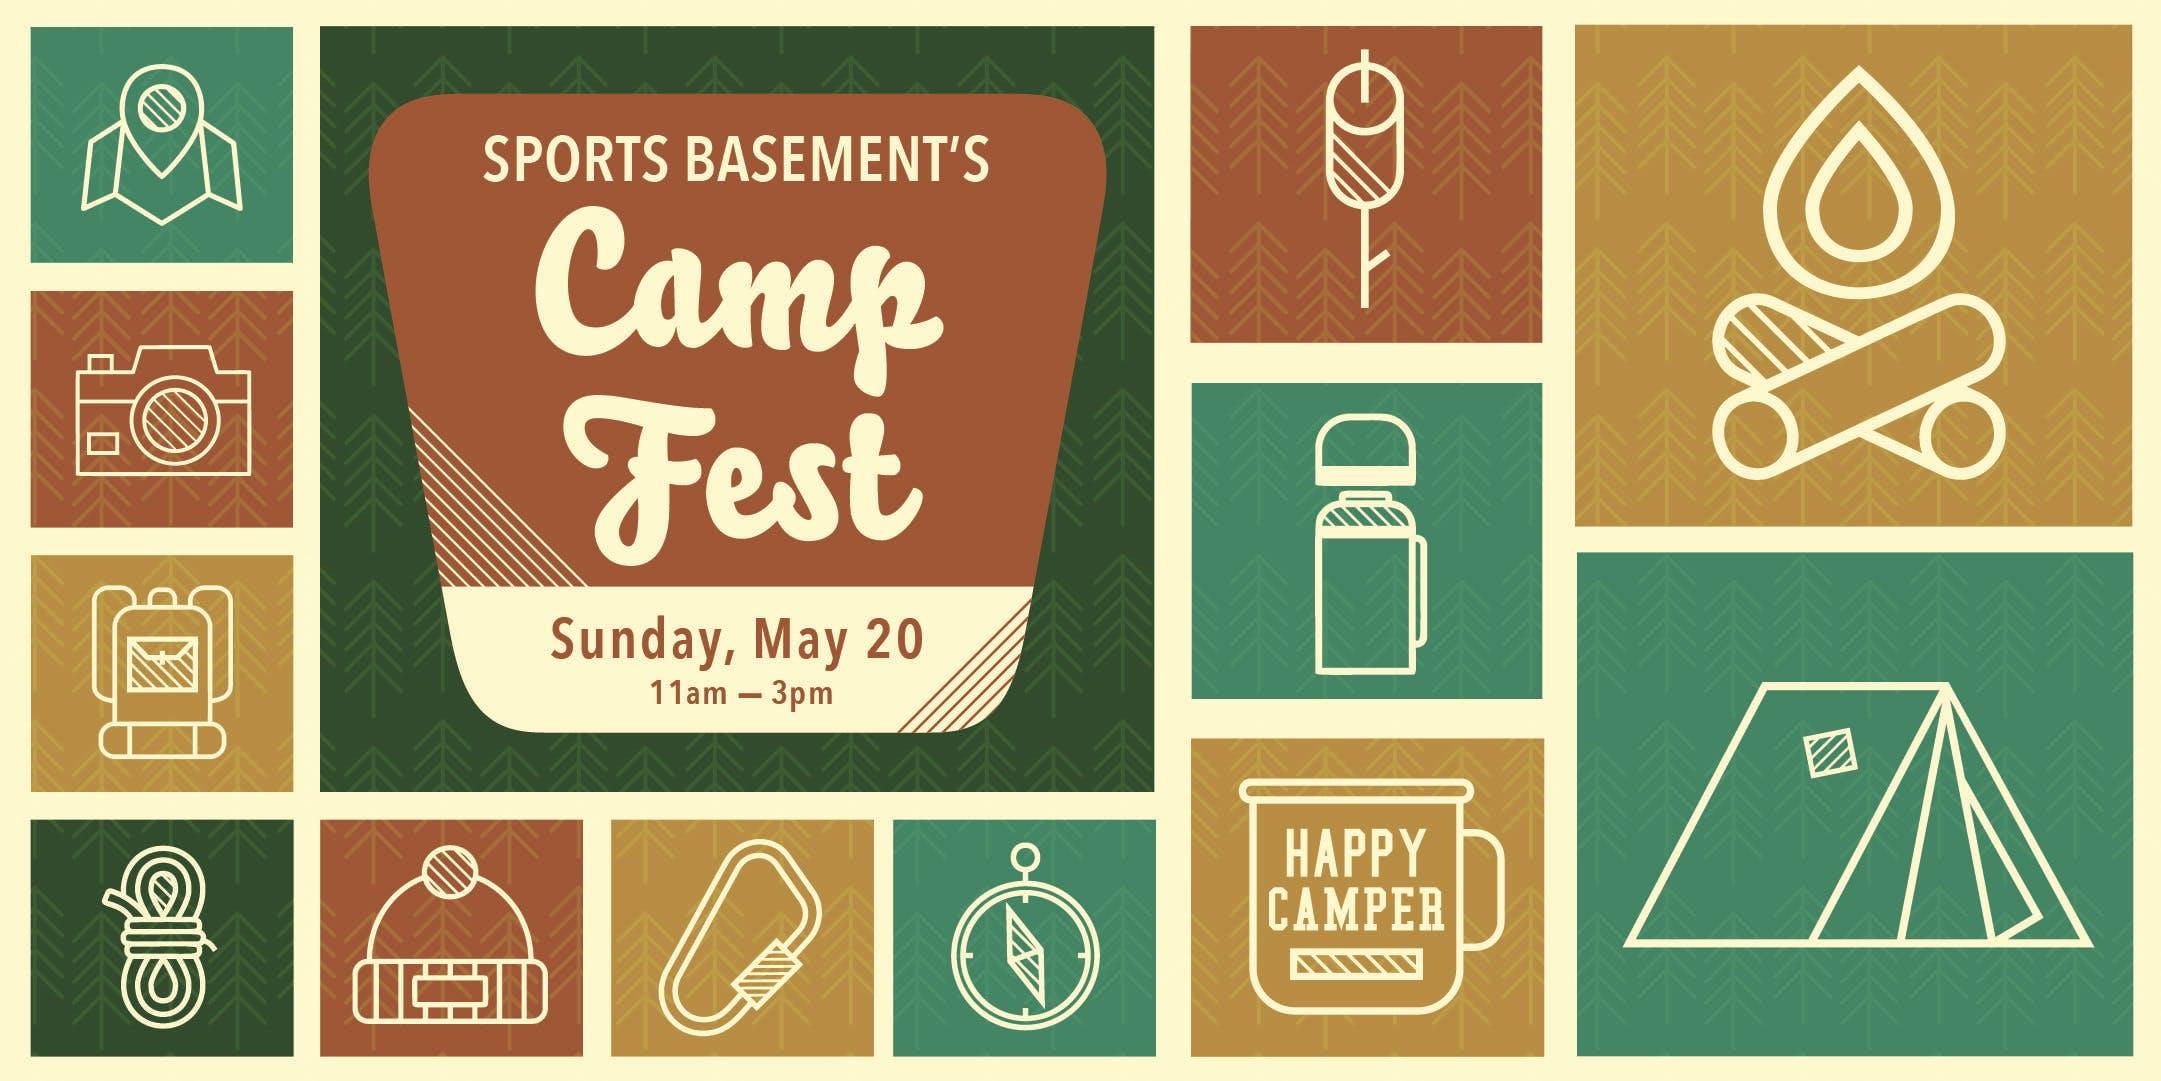 Sports Basement Campbell: CAMPFEST!